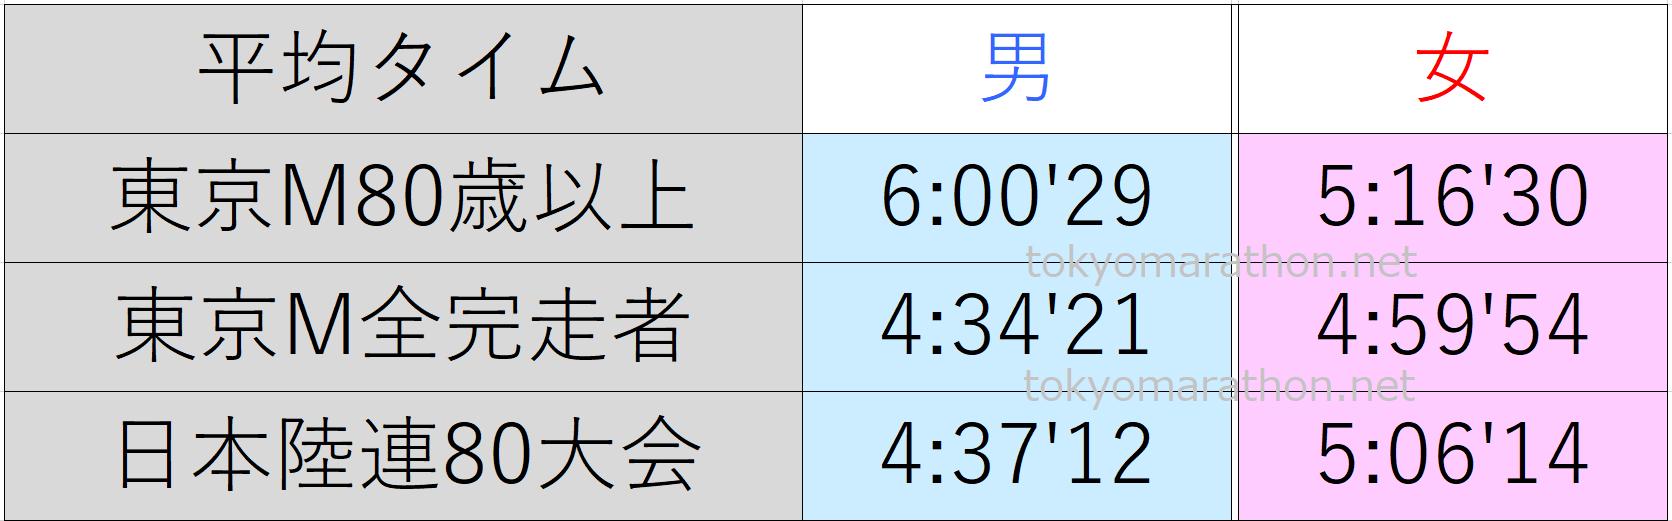 東京マラソン80歳以上の平均タイム、東京マラソン全ランナーの平均タイム、日本陸連公認の80大会の平均タイム一覧表。すべて男女別にまとめた画像です。